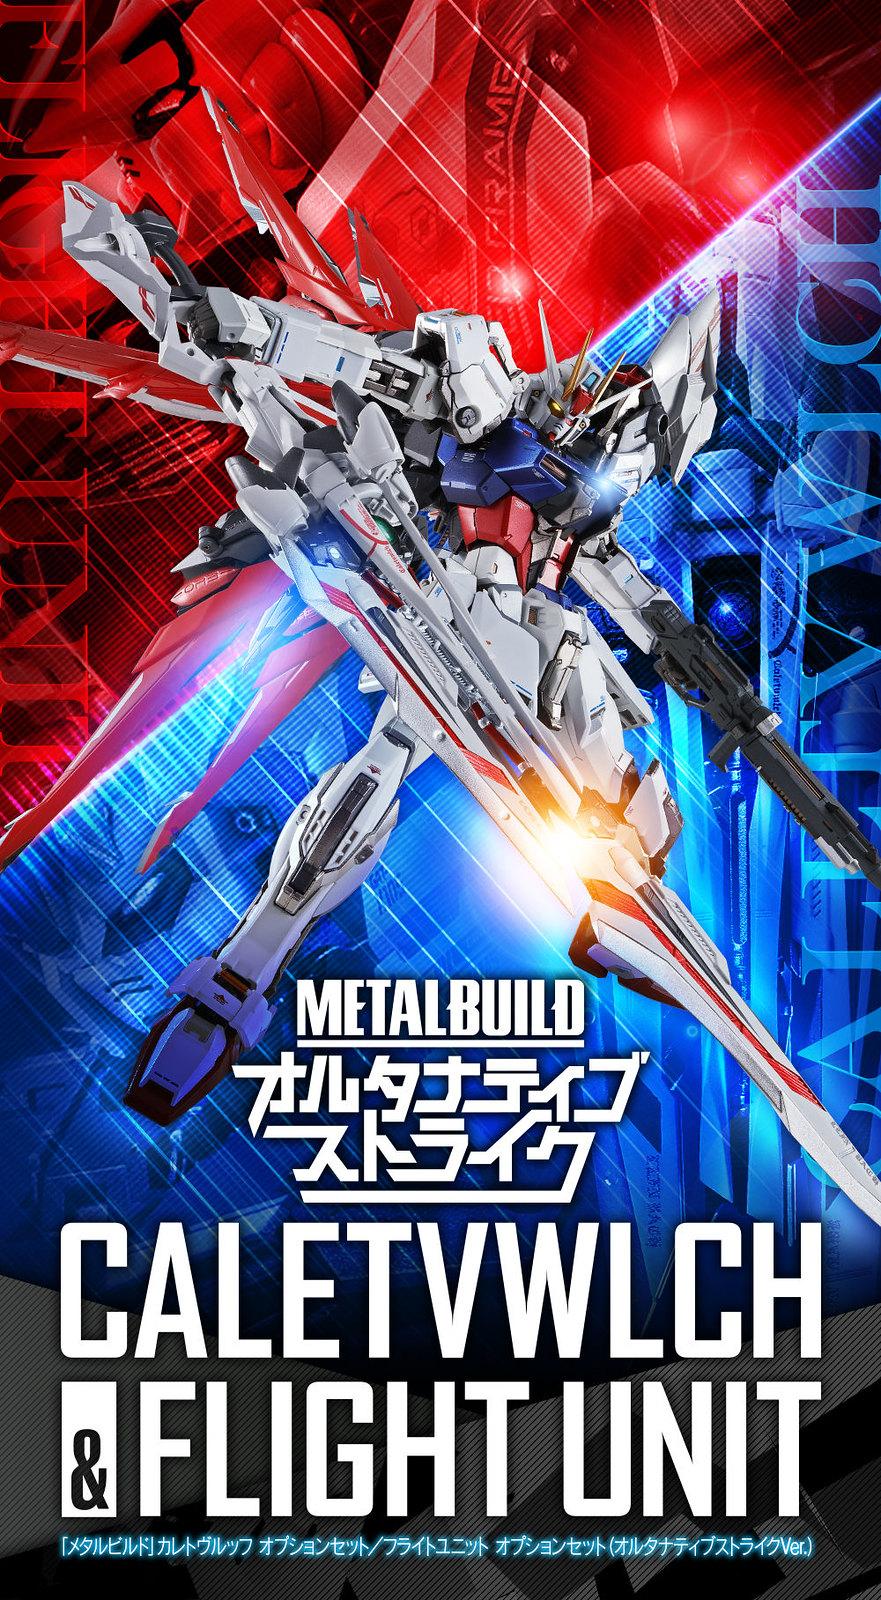 【更新官圖&販售資訊】METAL BUILD《機動戰士鋼彈SEED MSV》『オルタナティブストライク』系列第一彈:烈雷劍(カレトヴルッフ)